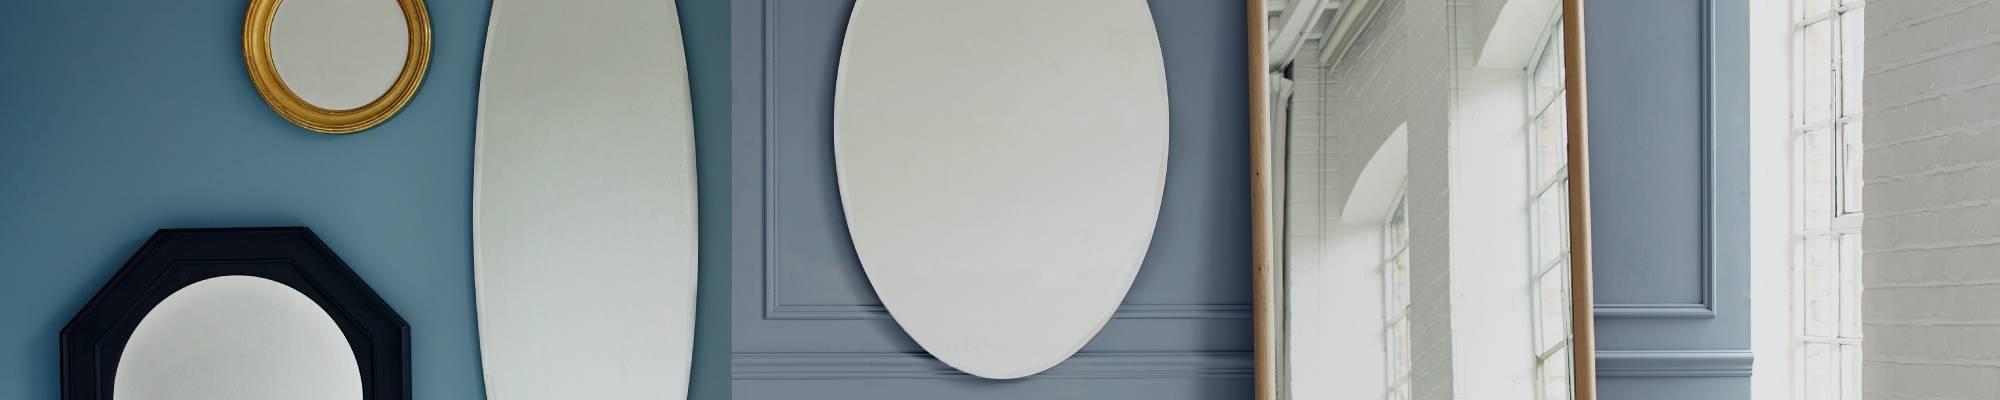 White - Round Mirrors | Modern Round & Circle Mirrors | Heal's pertaining to White Round Mirrors (Image 15 of 15)